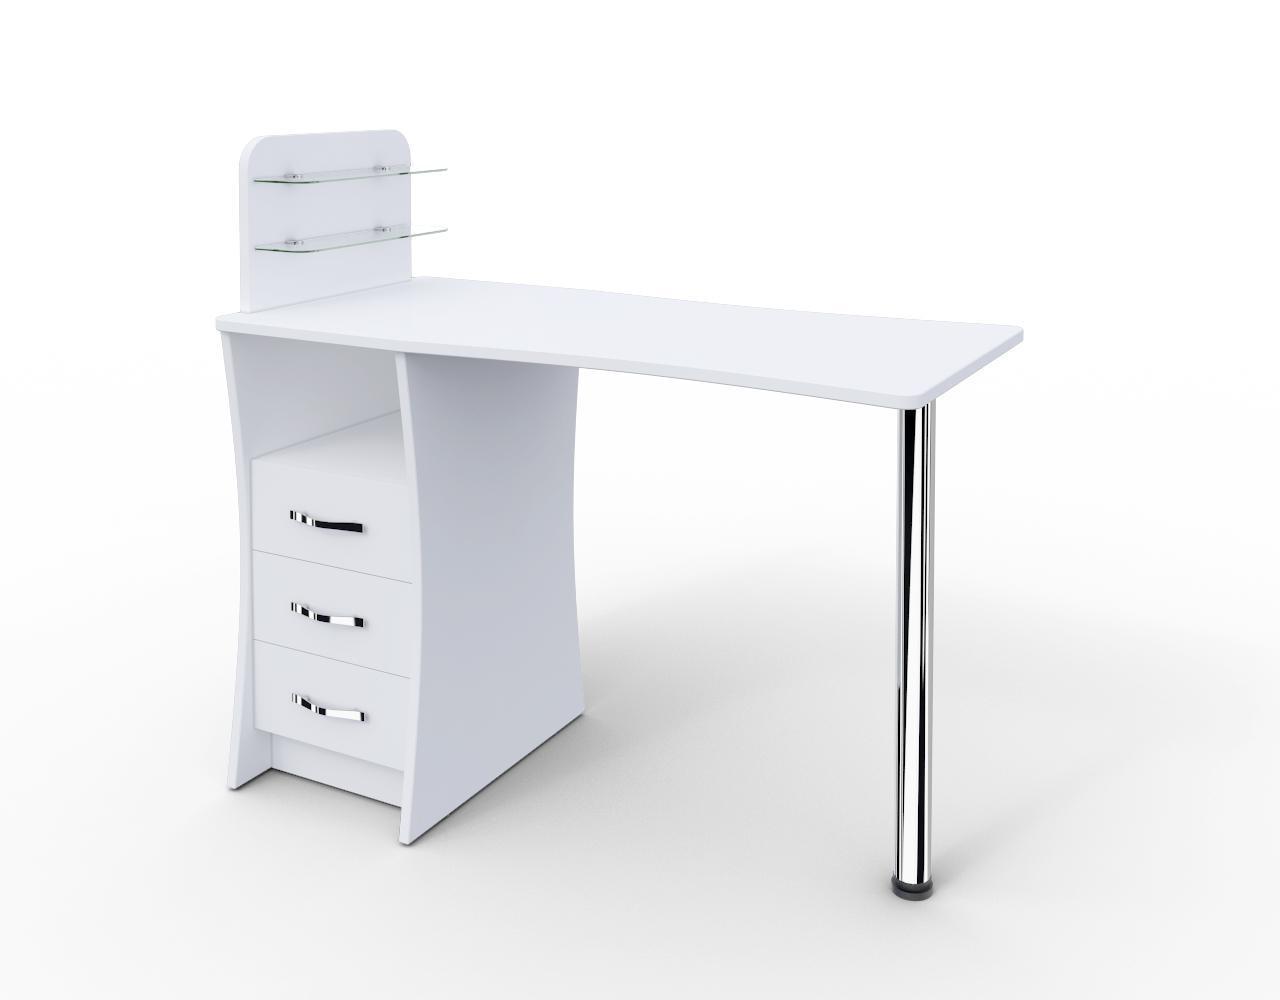 """Манікюрний стіл """"Елегант"""" з скляними поличками під лак"""